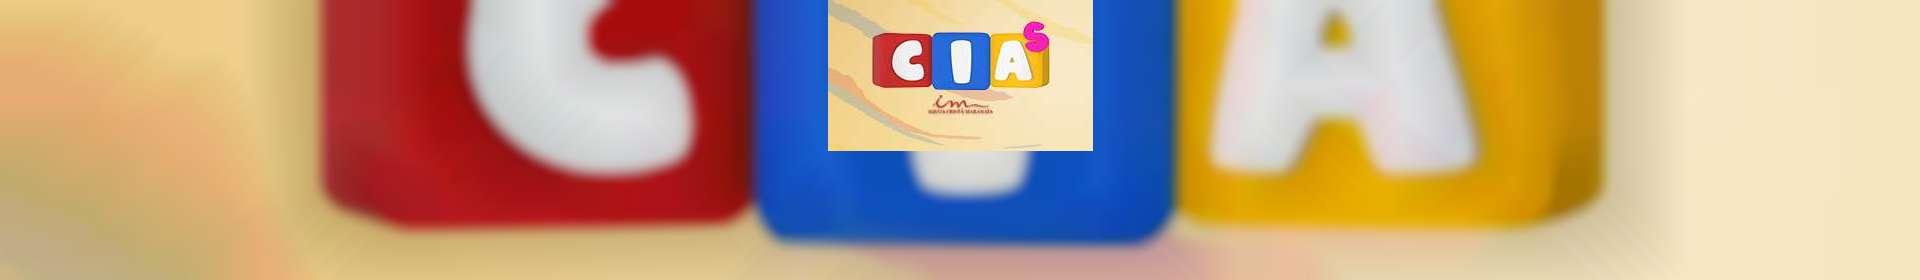 Aula de CIAS: classe de 0 a 3 anos e gestantes - 17 de setembro de 2020